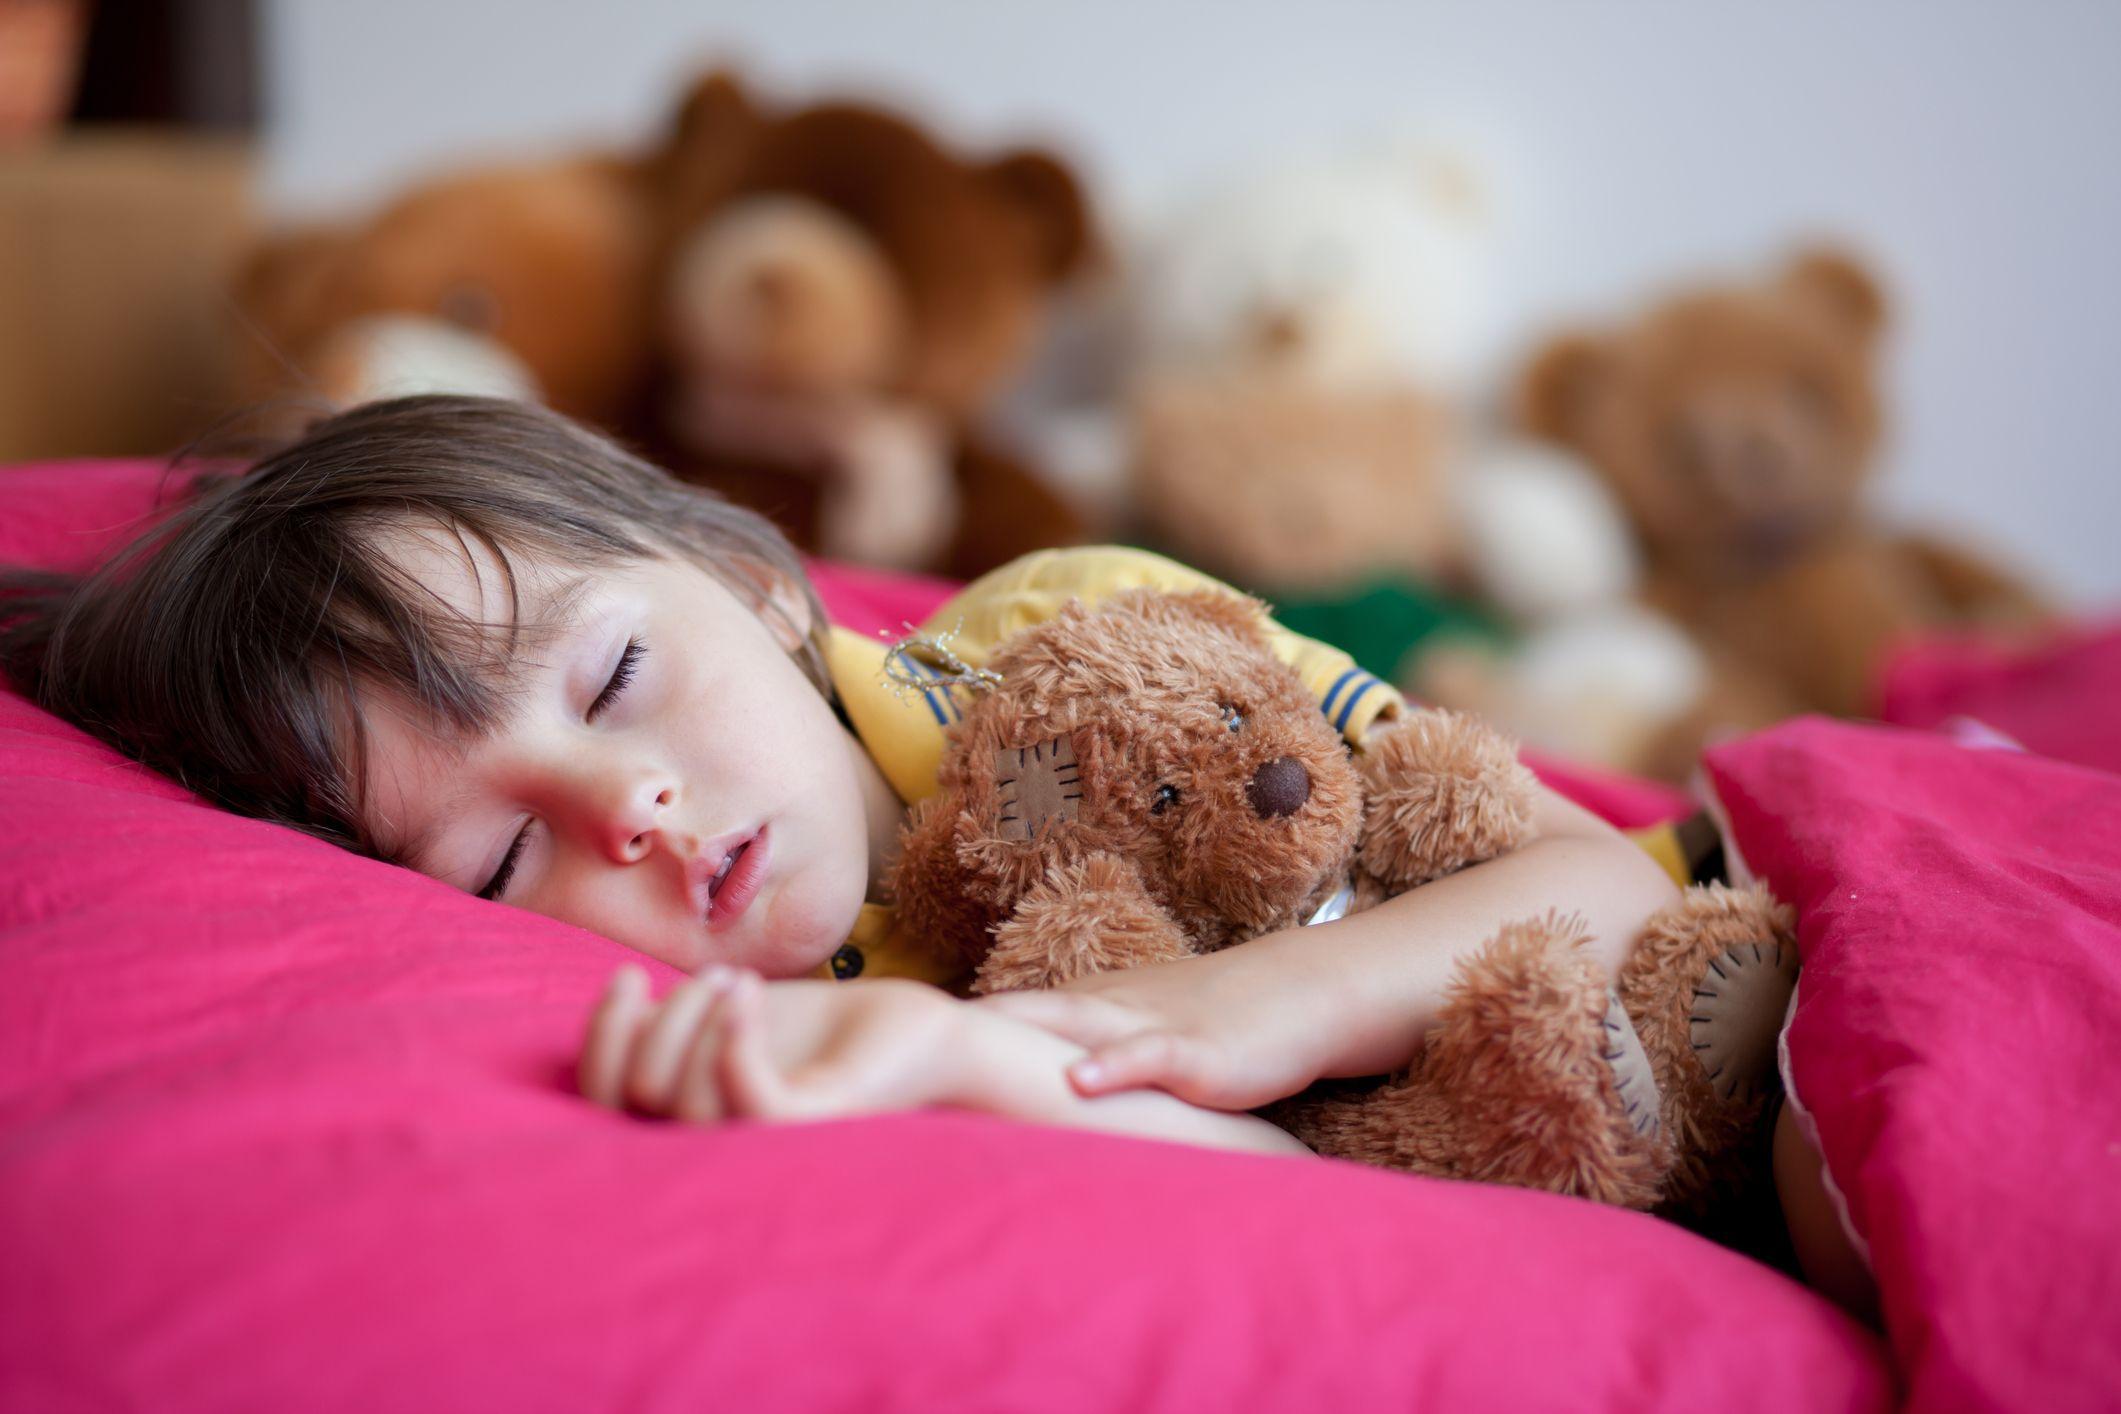 Dormir cedo na infância diminui risco de obesidade na adolescência, conclui pesquisa